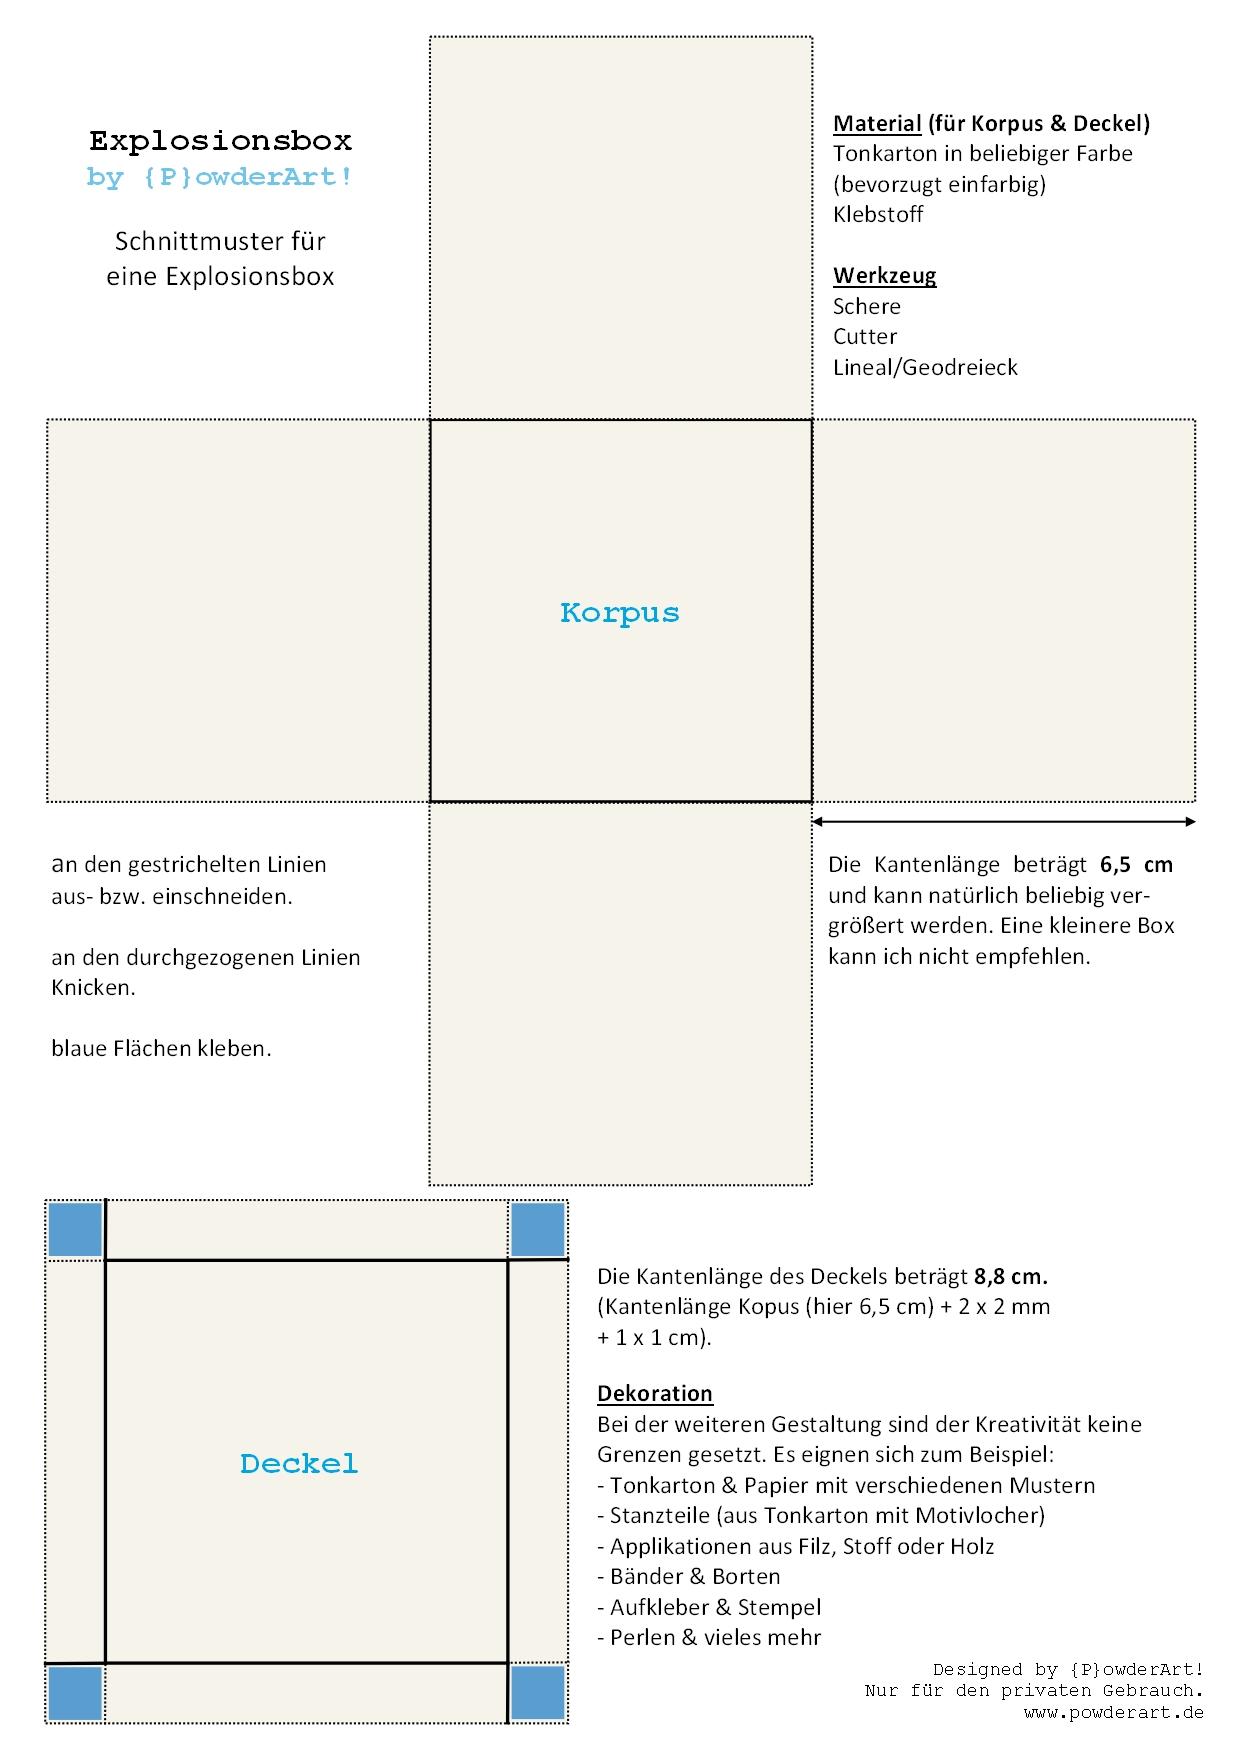 P}owderArt! - Geschenke für Männer, Frauen und Kinder - Verpackung & Co.